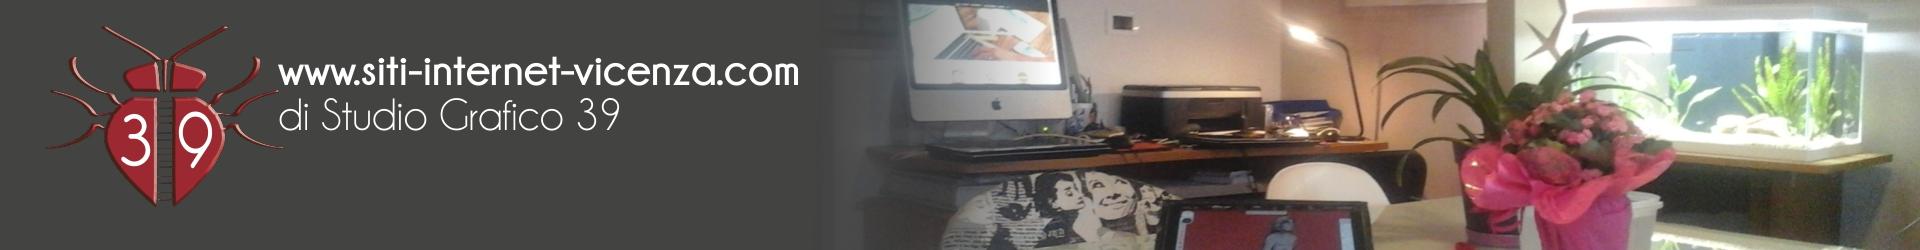 SITI INTERNET VICENZA - realizzazione siti internet Vicenza - Creazione siti web Vicenza - Realizzazione siti internet - Creazione siti Web - Realizzazione siti Vicenza - siti internet Schio - siti internet Thiene - siti web Malo - web design Vicenza - siti internet Padova